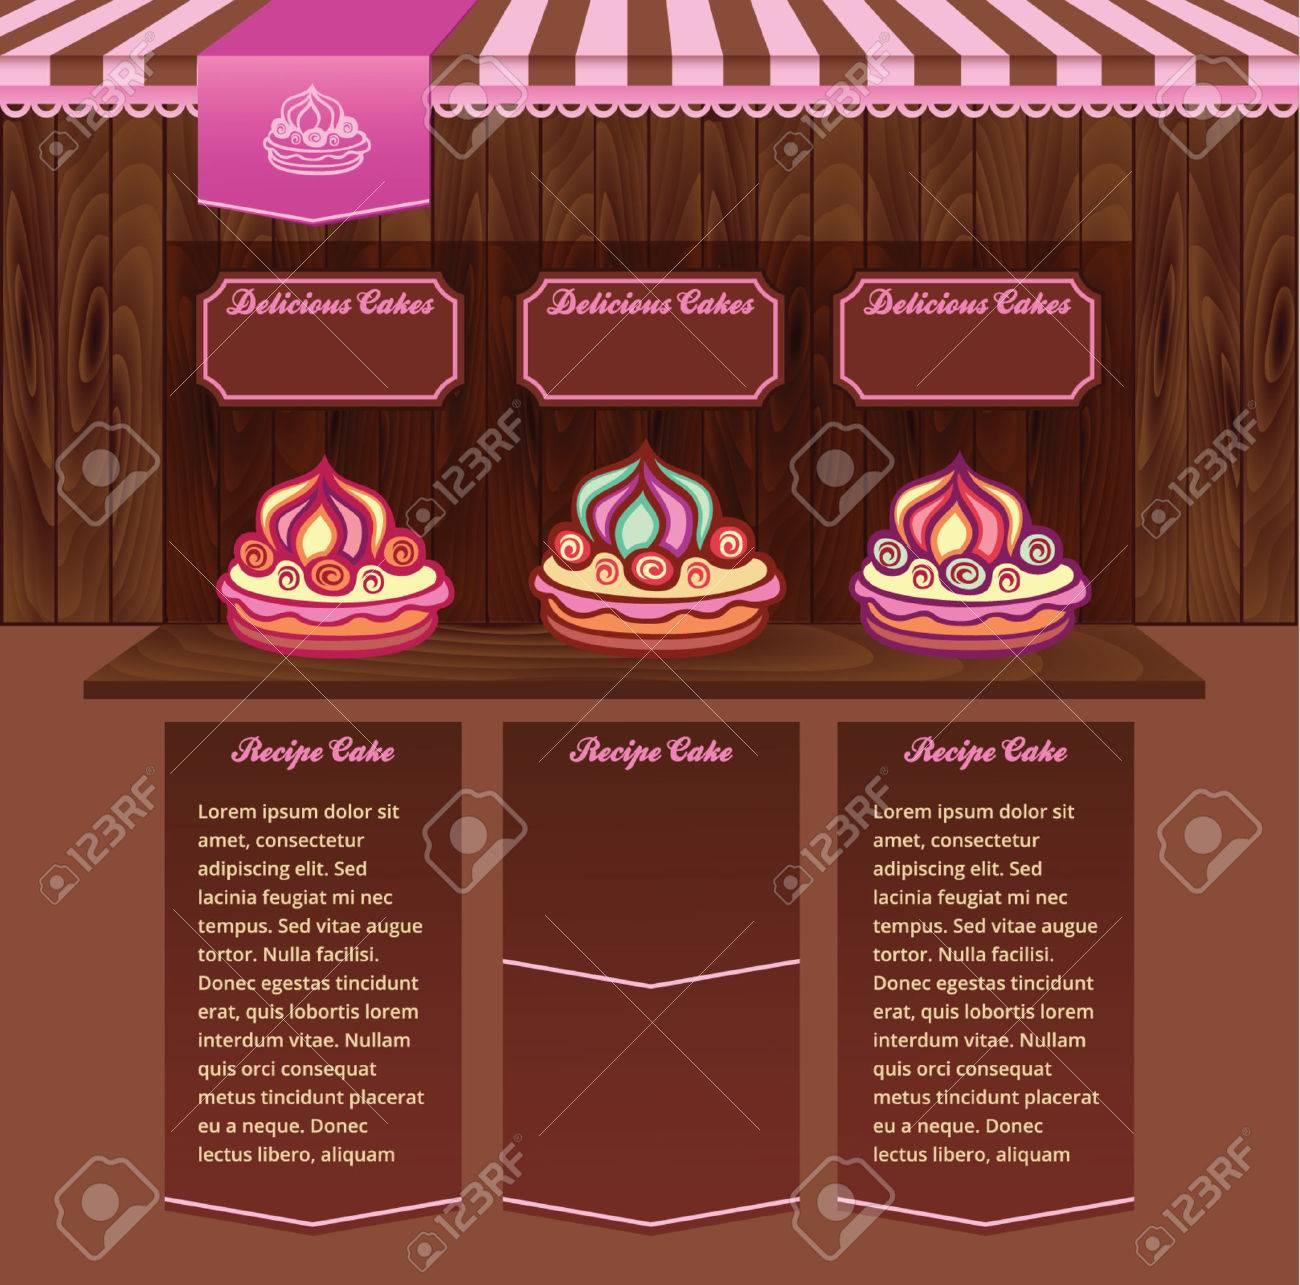 Vorlage Für Kuchen-Rezepte-Website Lizenzfrei Nutzbare ...